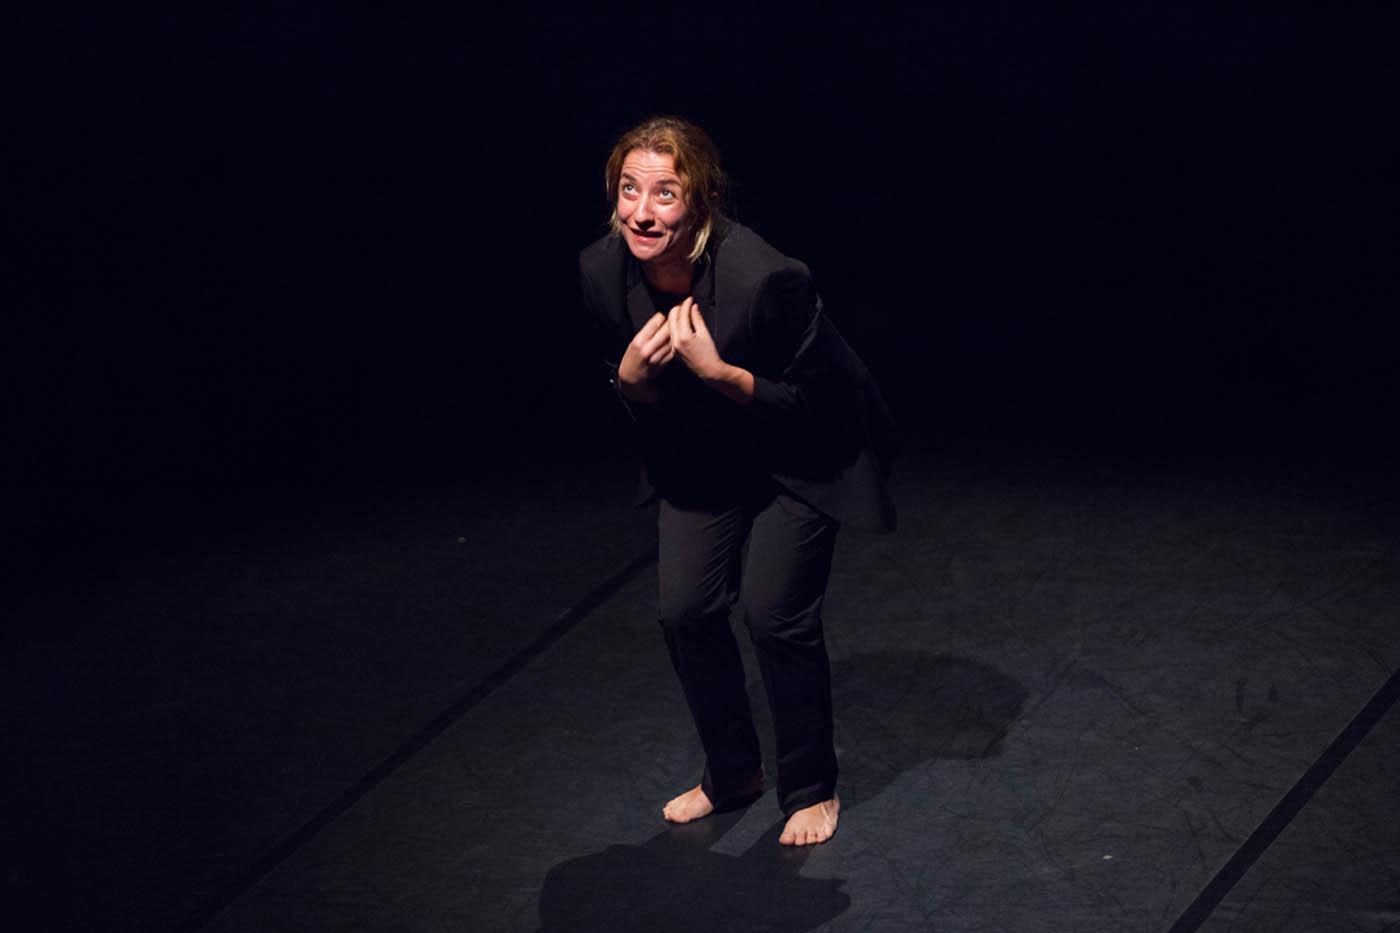 Teatro| Lecce, Cantieri Teatrali Koreja | sabato 30 gennaio